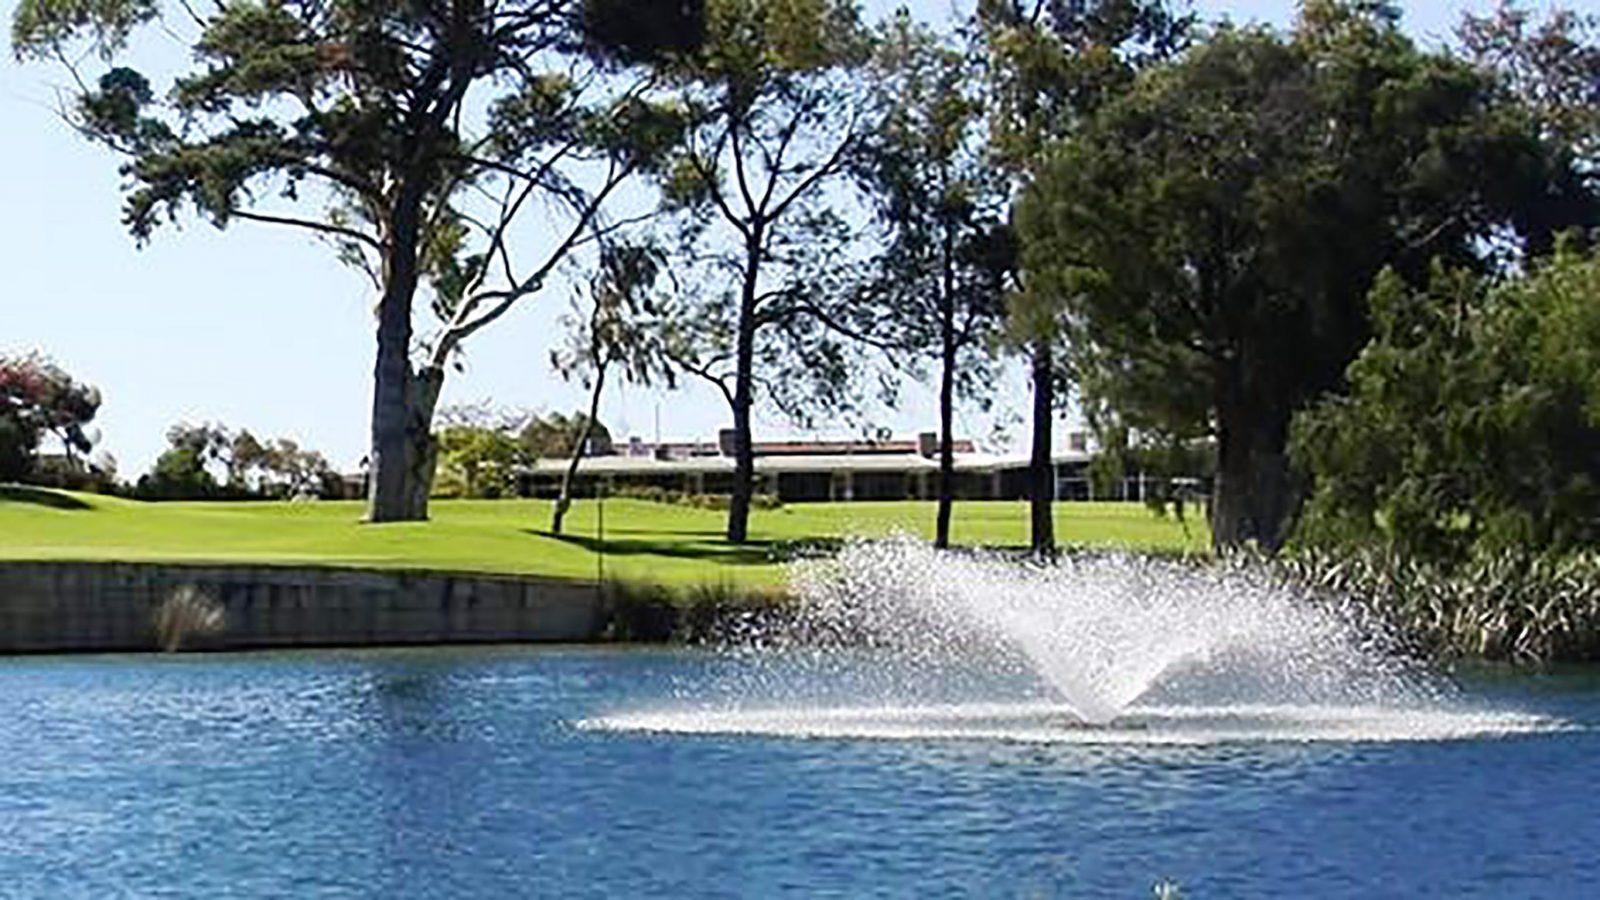 Royal Fremantle Golf Club, Fremantle, Western Australia